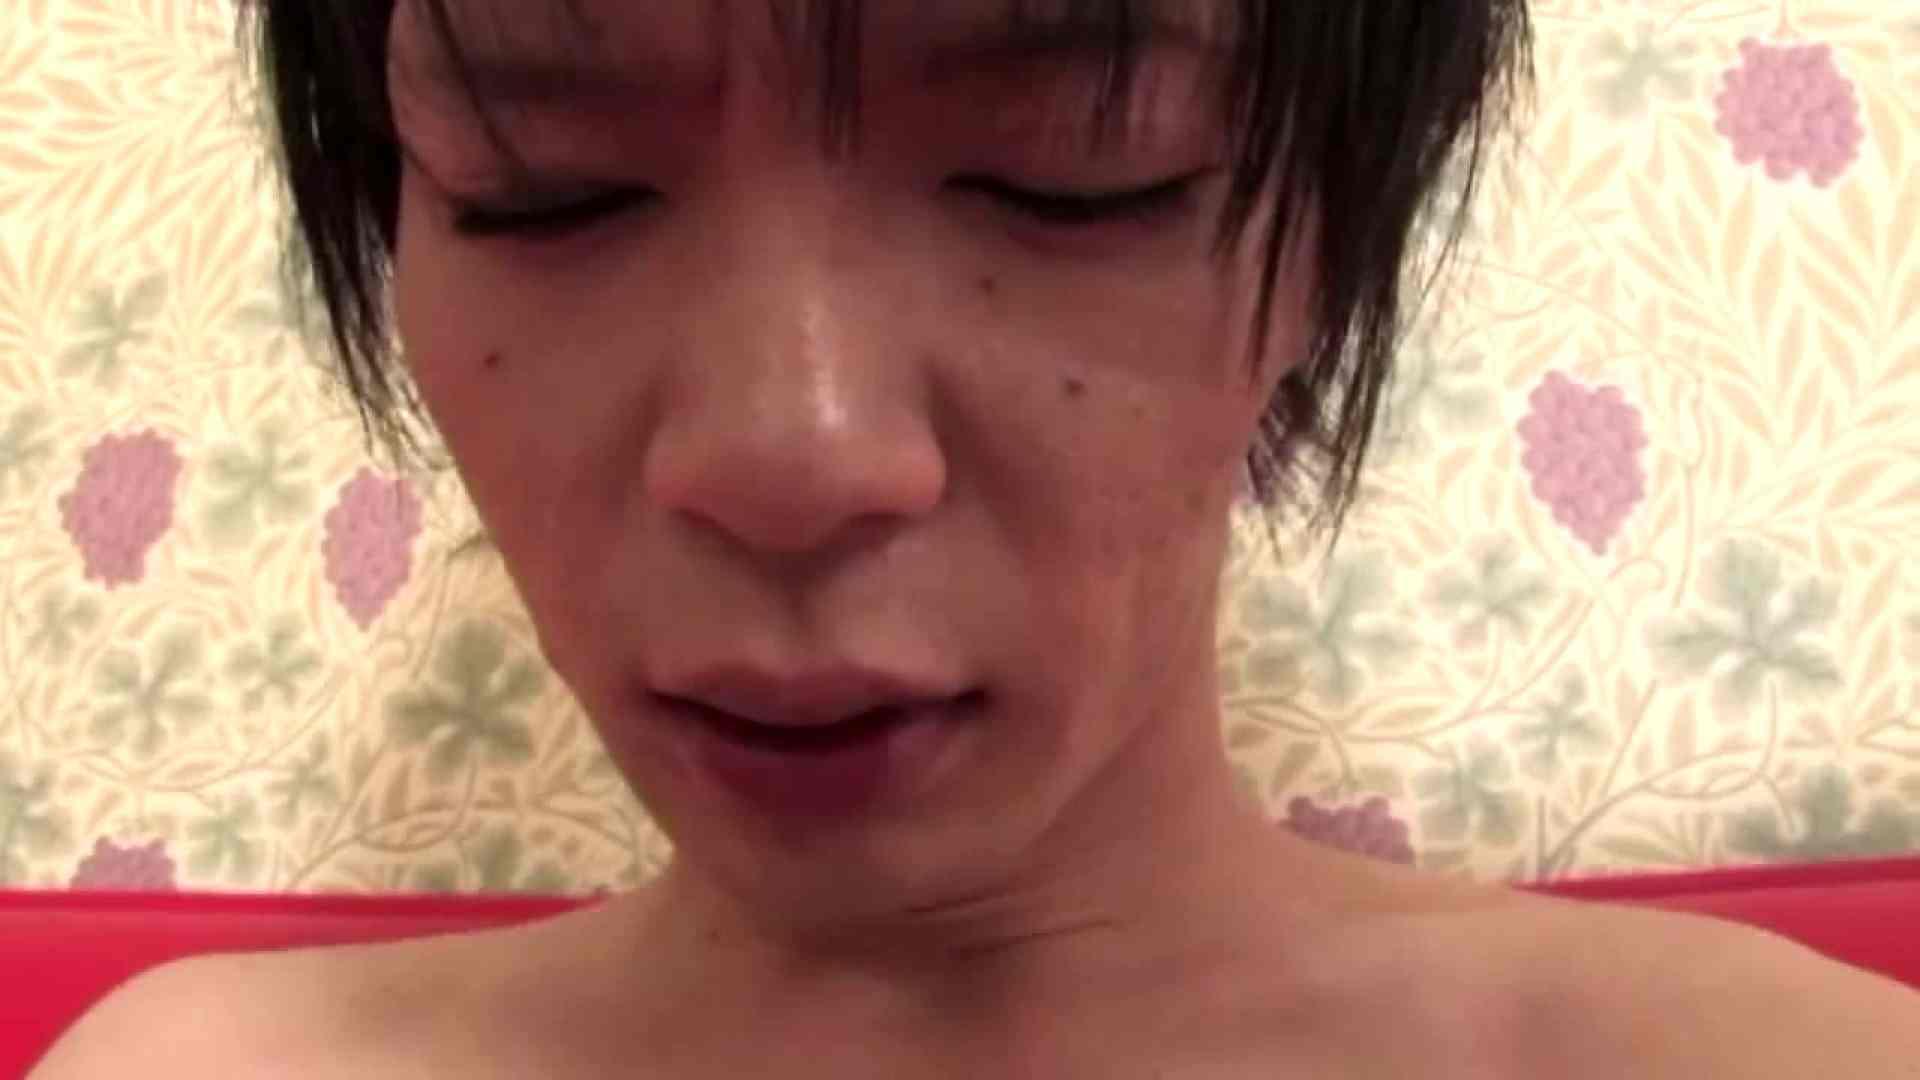 イケメン限定!天国への階段 Vol.04 お口で! ゲイ無修正ビデオ画像 76pic 15